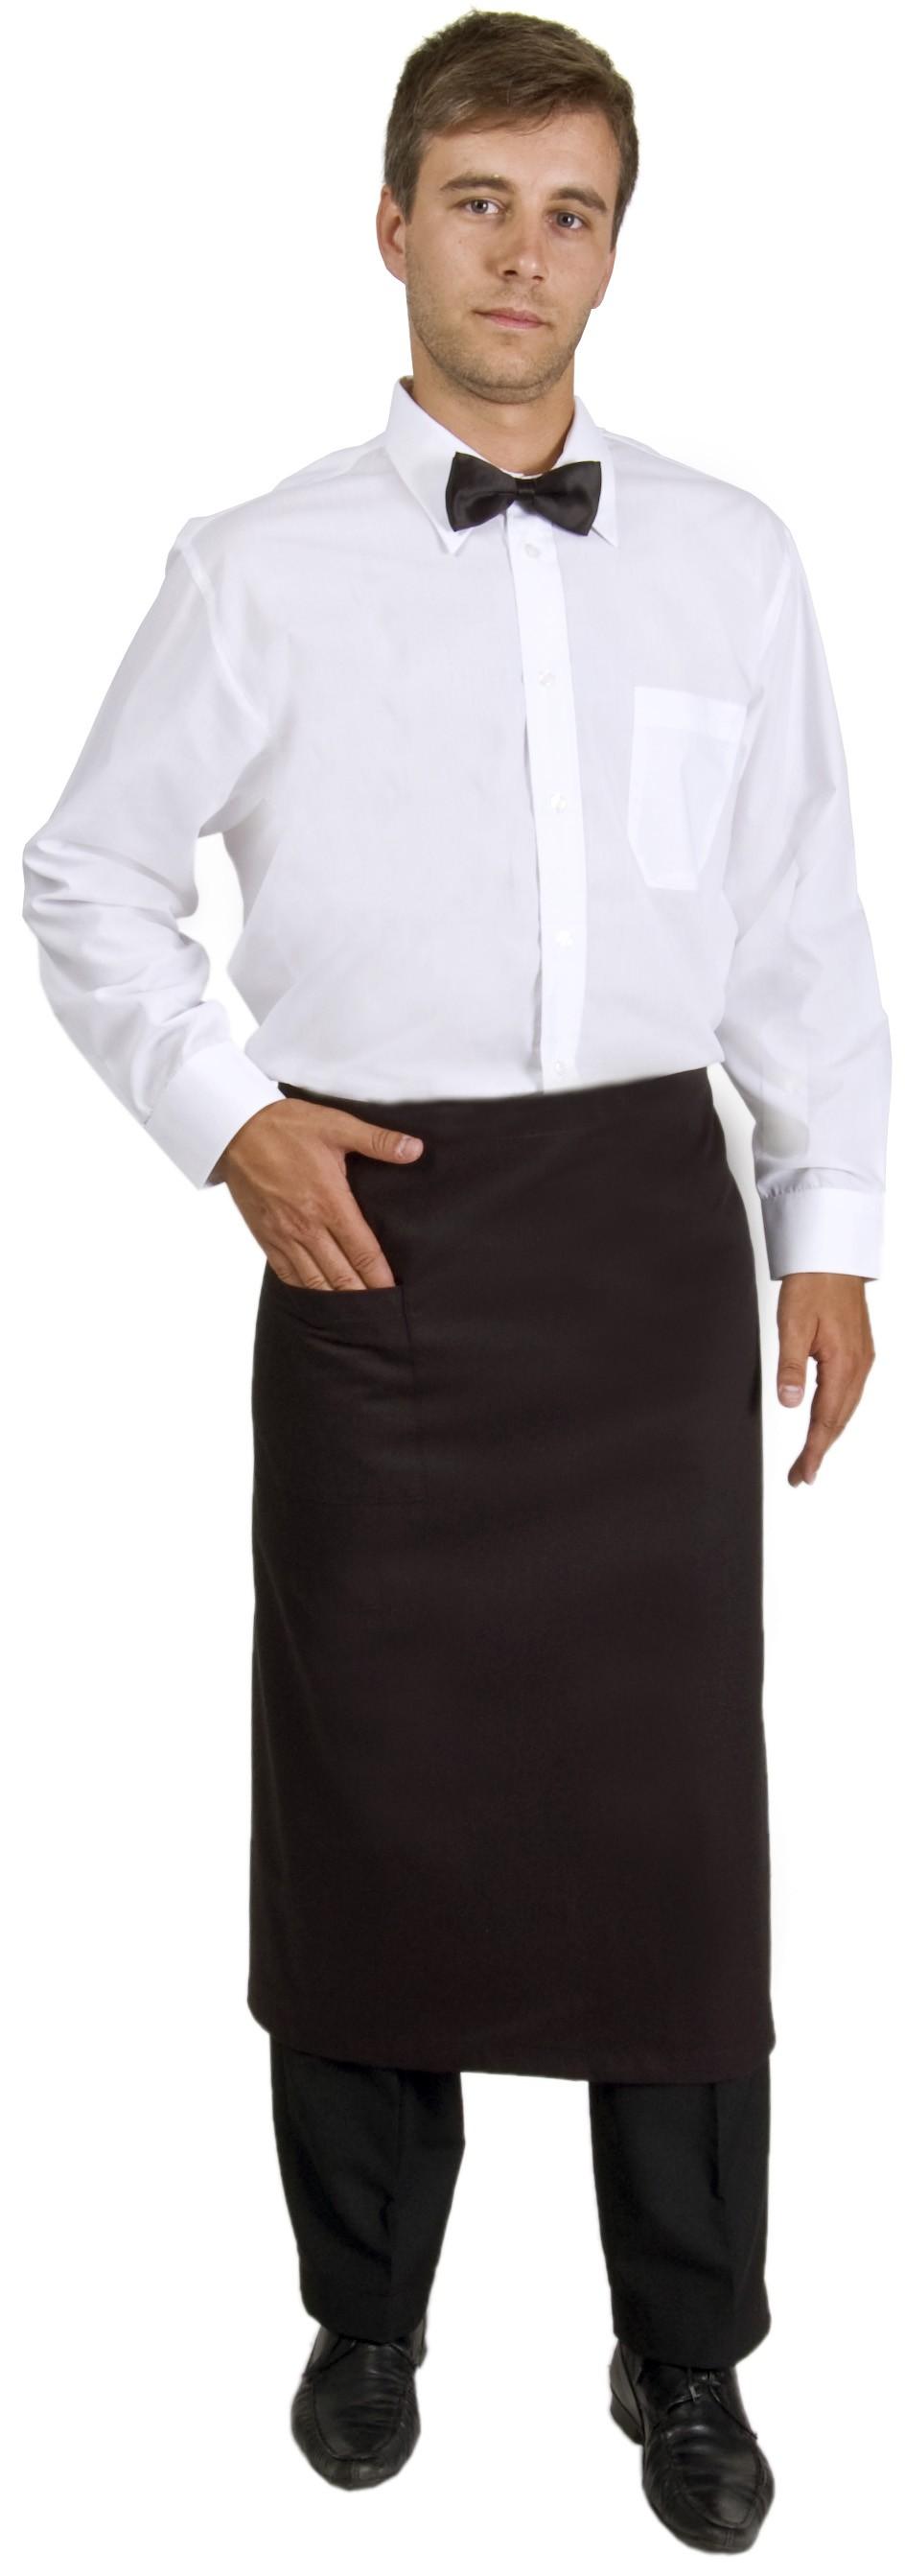 Camisa homem 65% poliéster/35% algodão